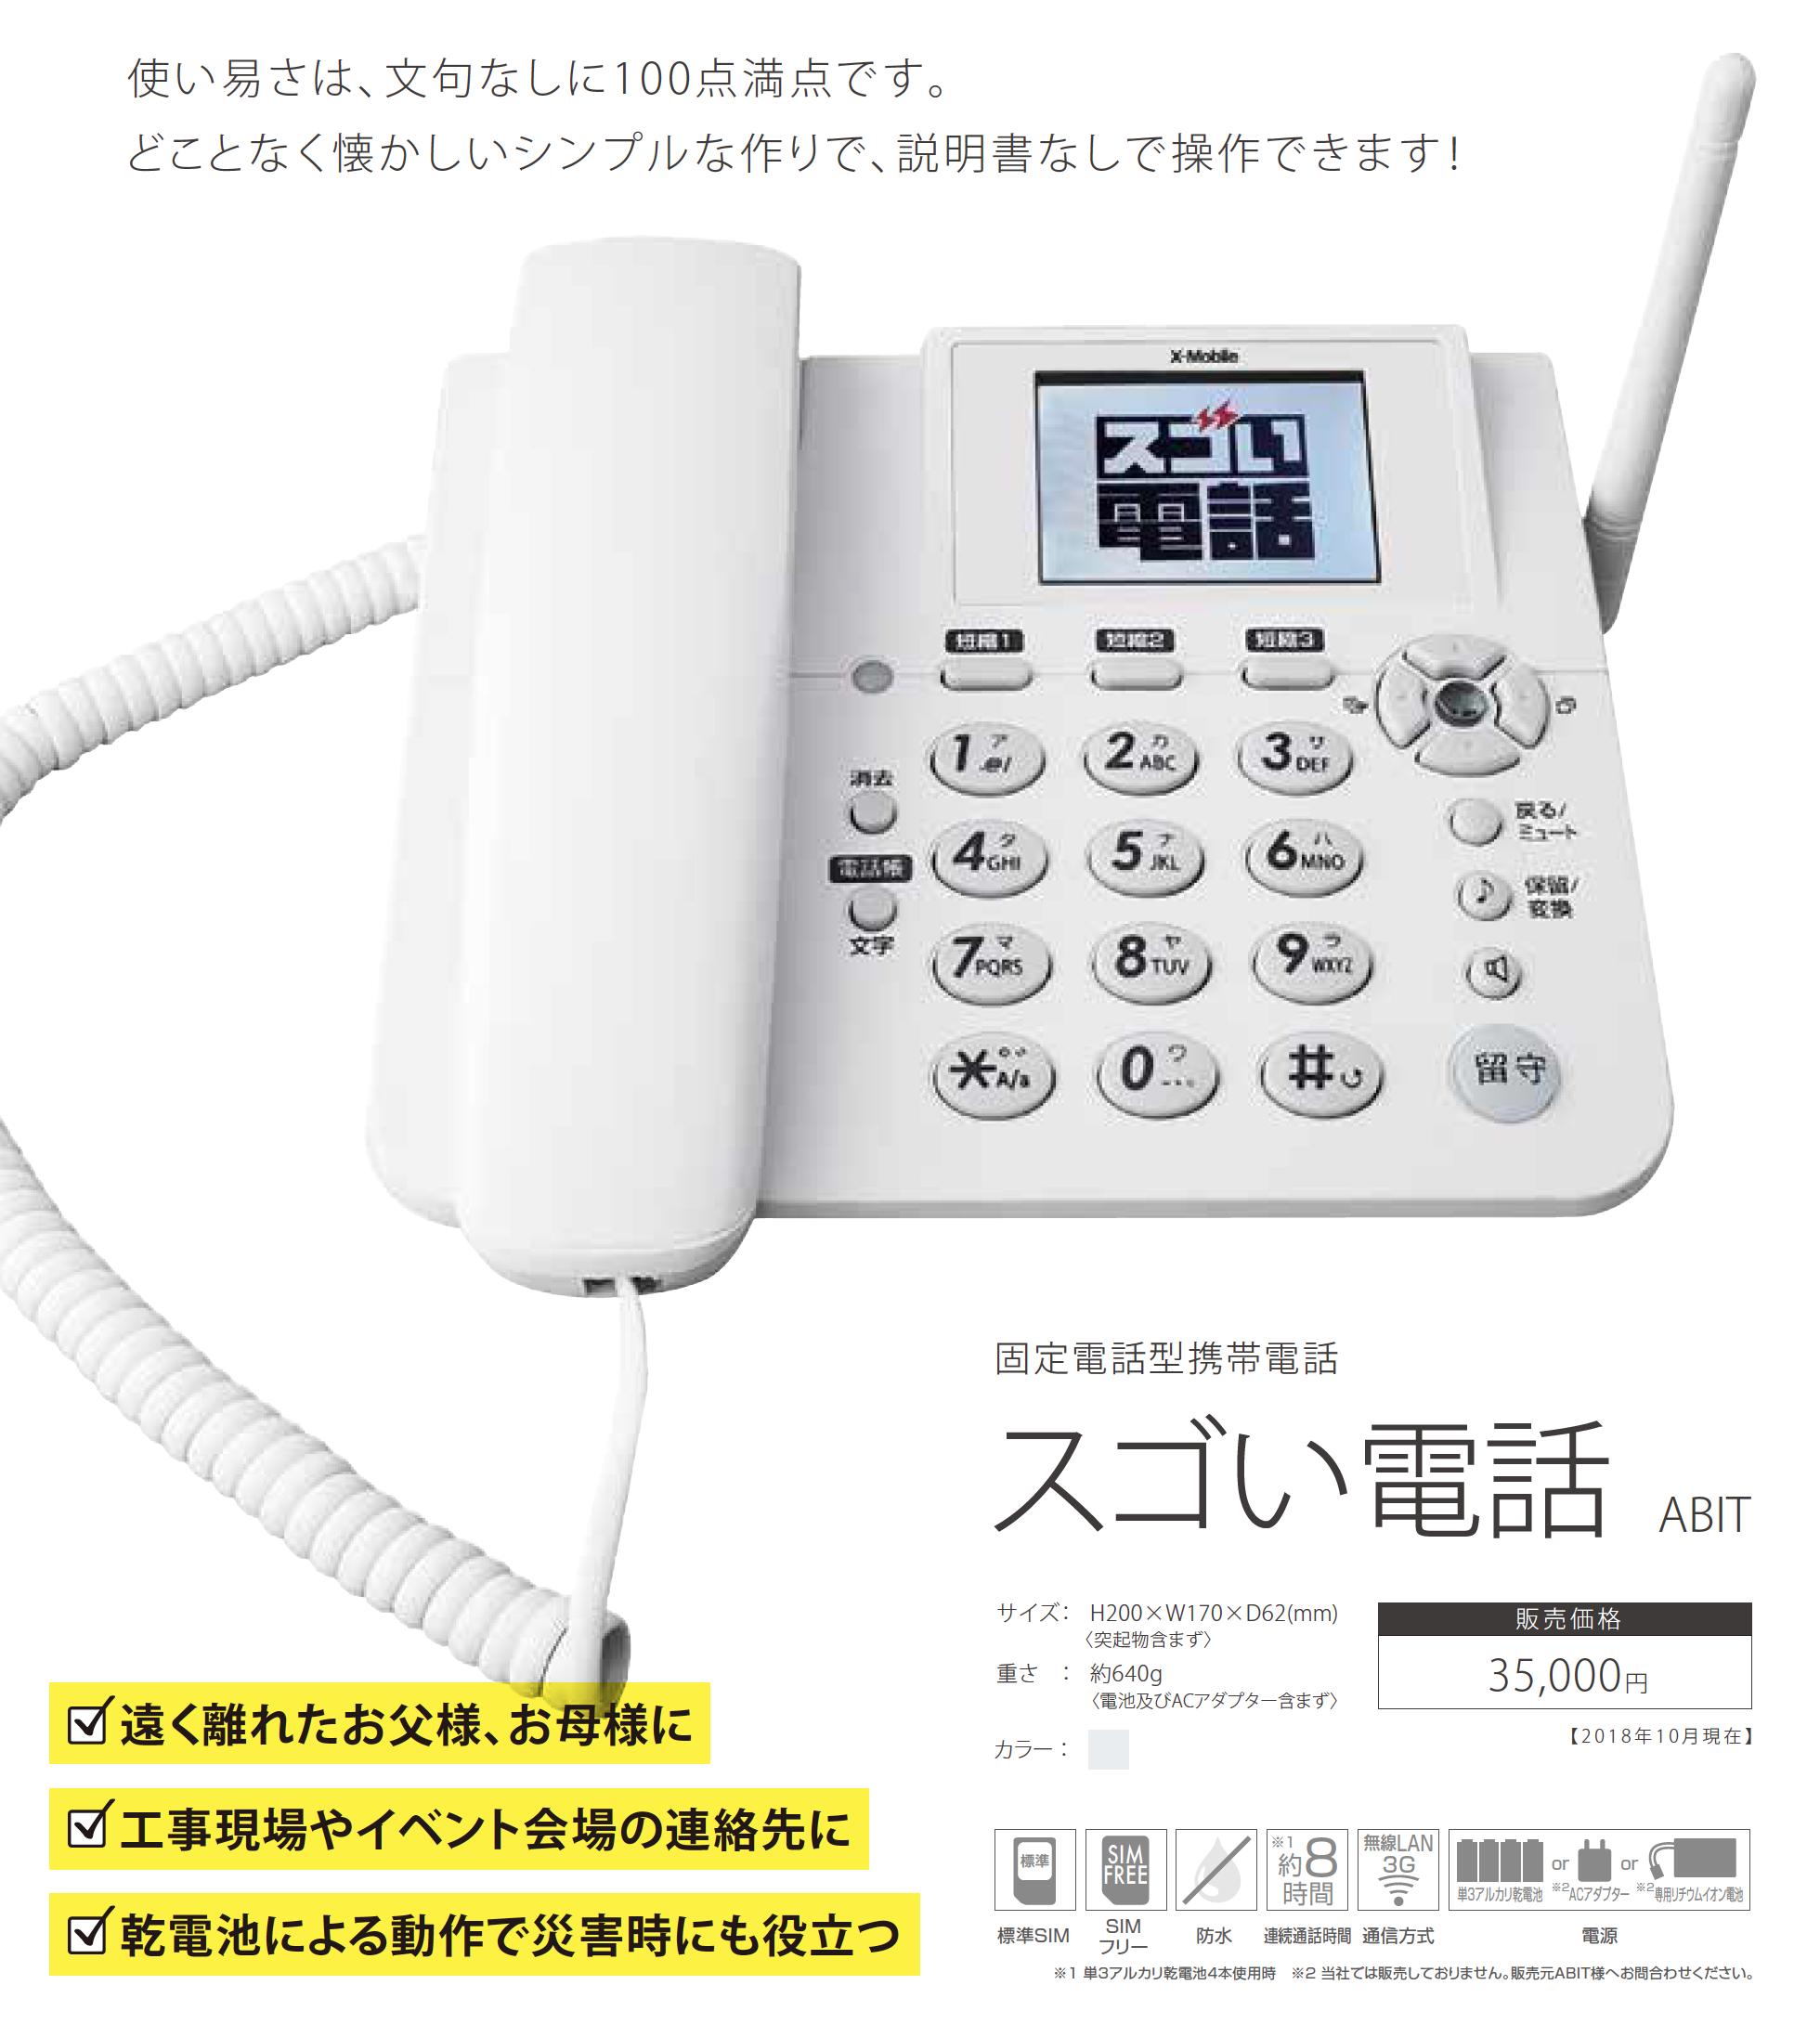 「スゴい電話」35000円 使い易さは、文句なしに100点満点です。 どことなく懐かしいシンプルな作りで、説明書なしで操作できます!